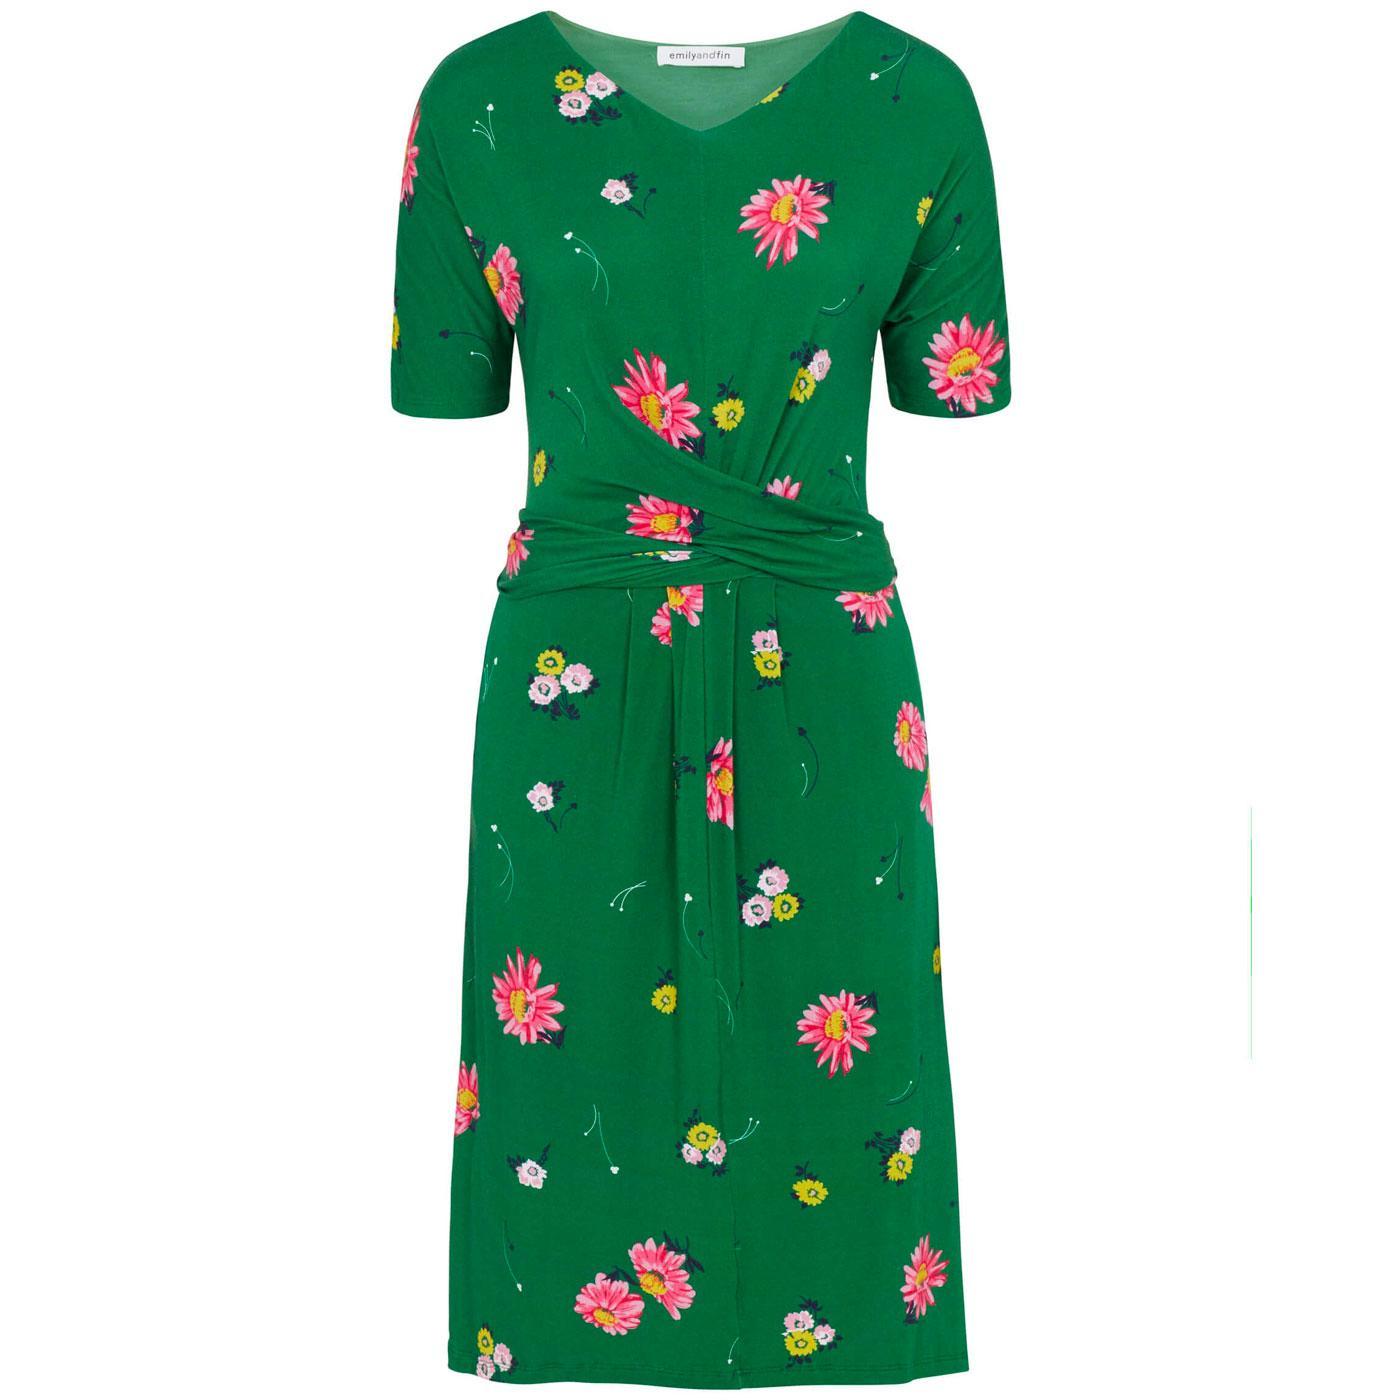 Mimi EMILY & FIN Retro Floral Midi Dress GREEN